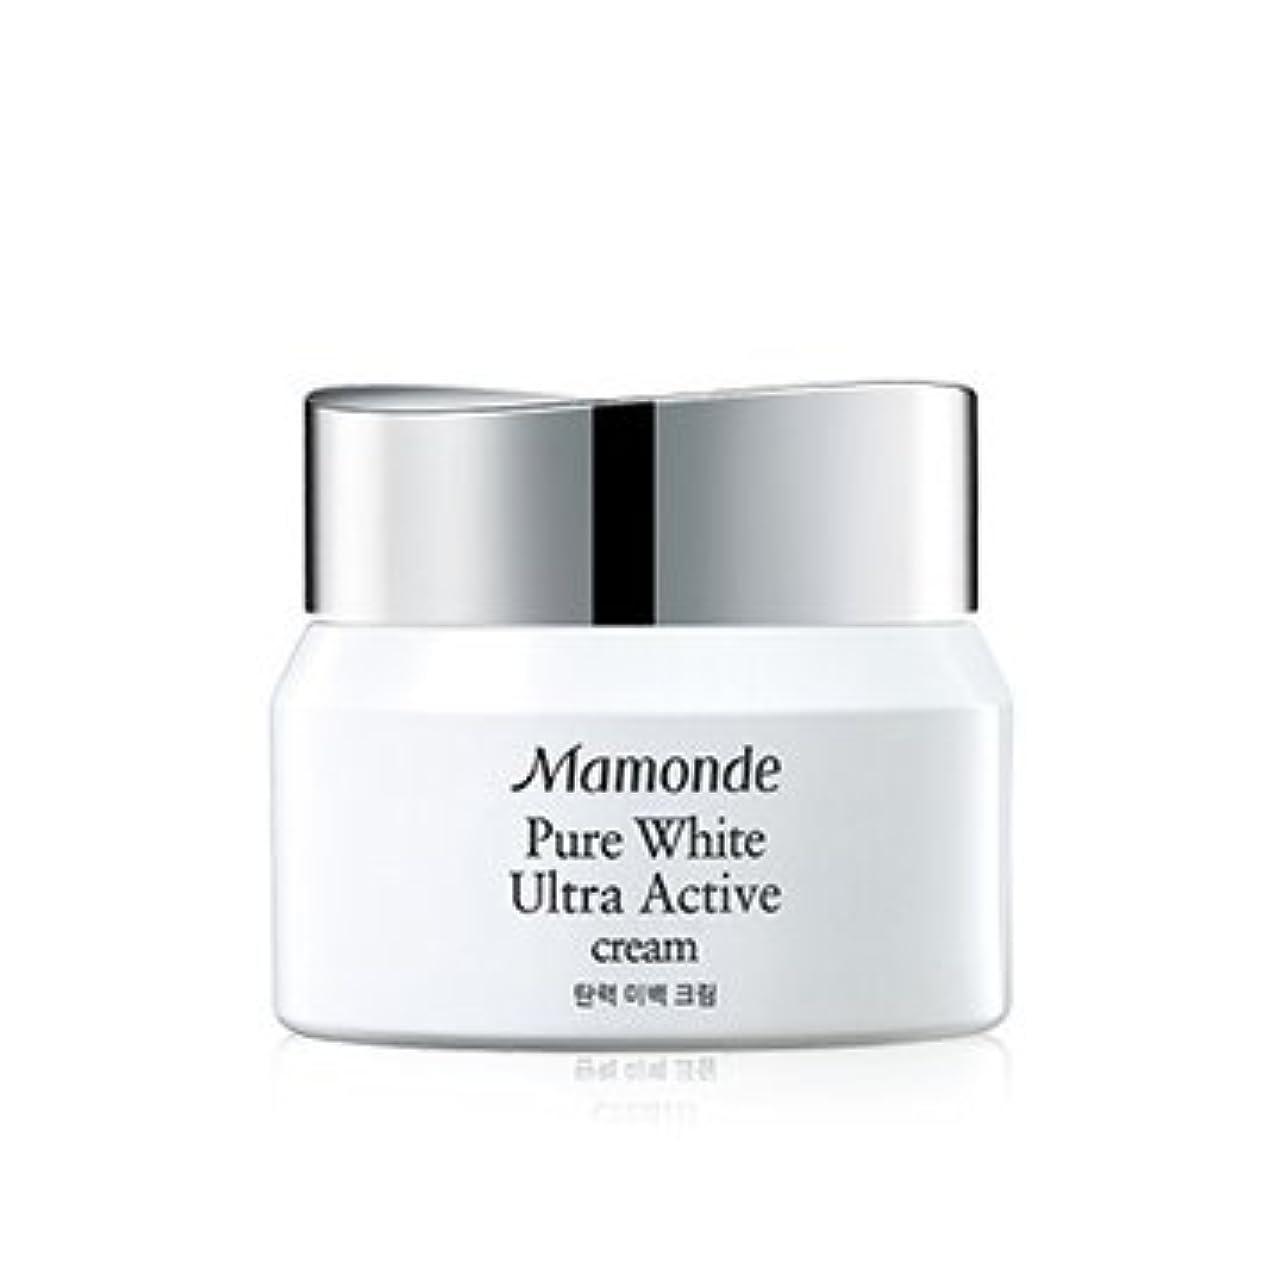 スーパーマーケット西輪郭Mamonde Pure White Ultra Active Cream 50ml/マモンド ピュア ホワイト ウルトラ アクティブ クリーム 50ml [並行輸入品]